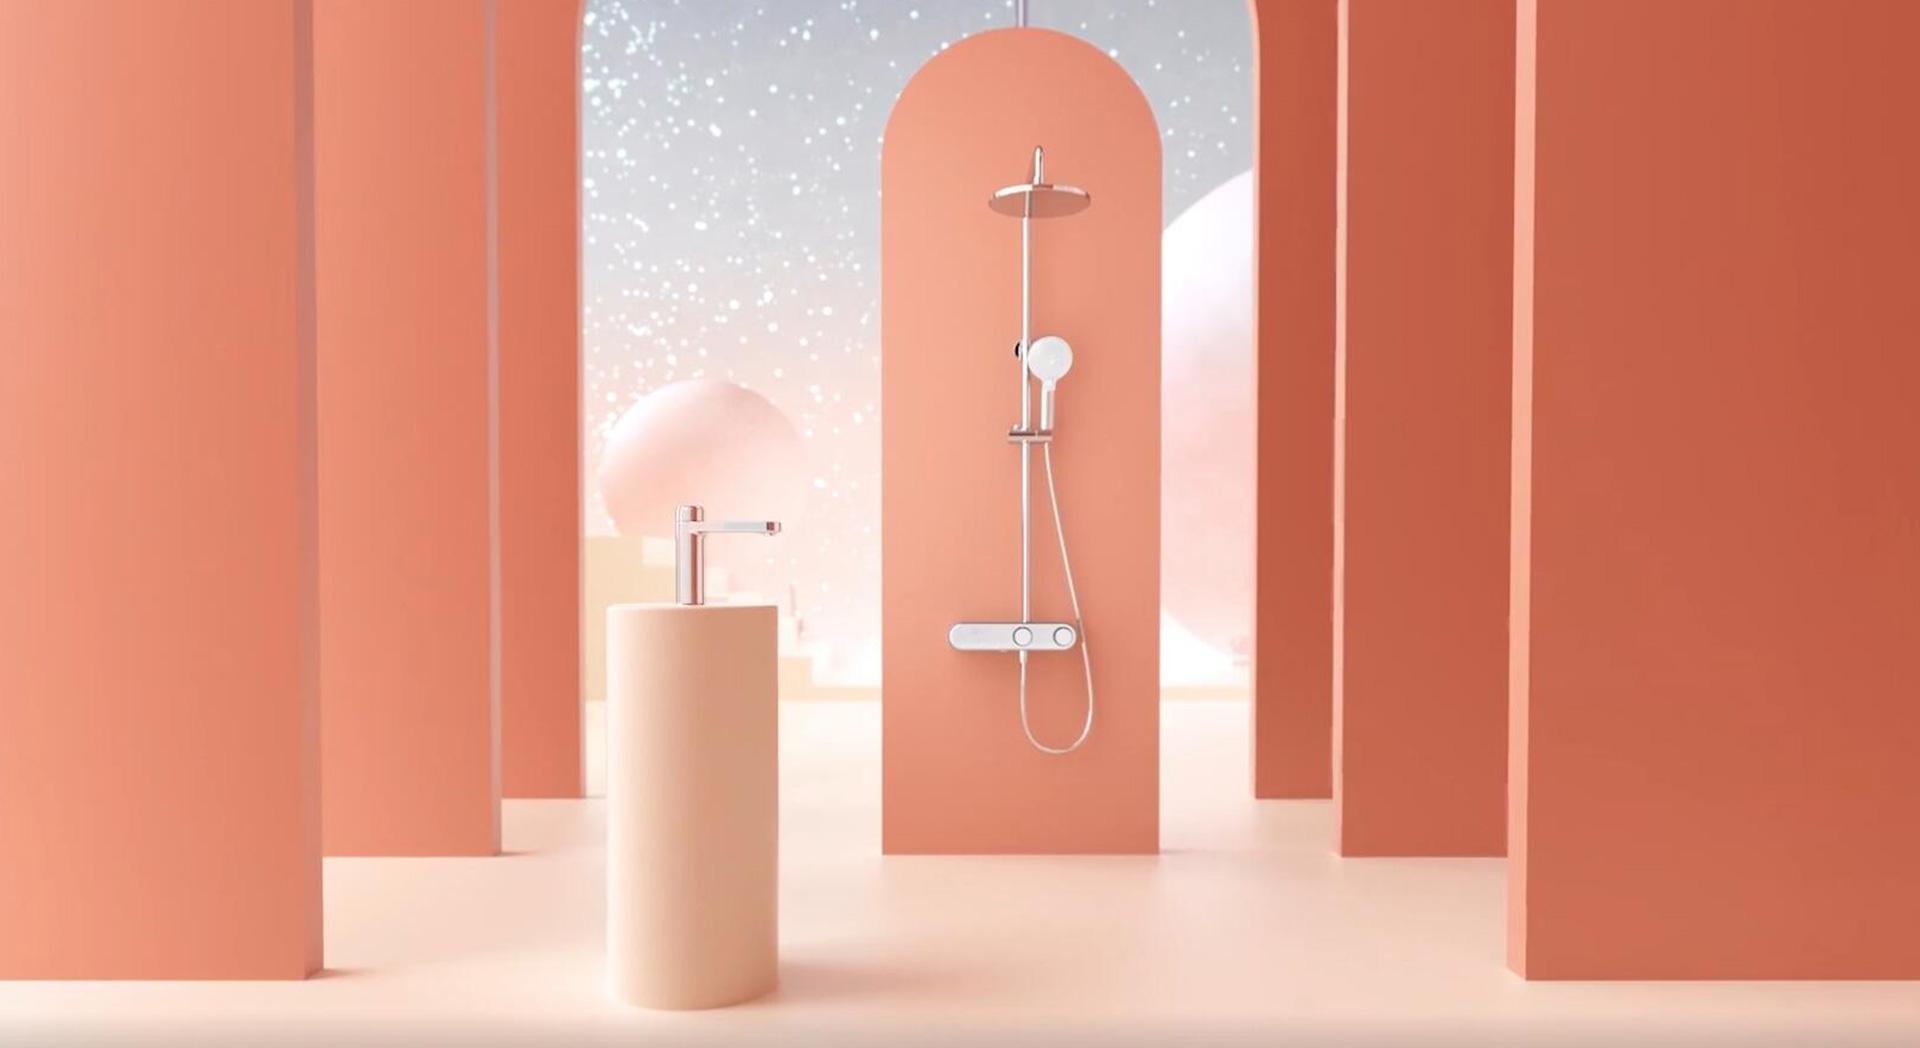 大白®Future-O龙头花洒套装   产品宣传片